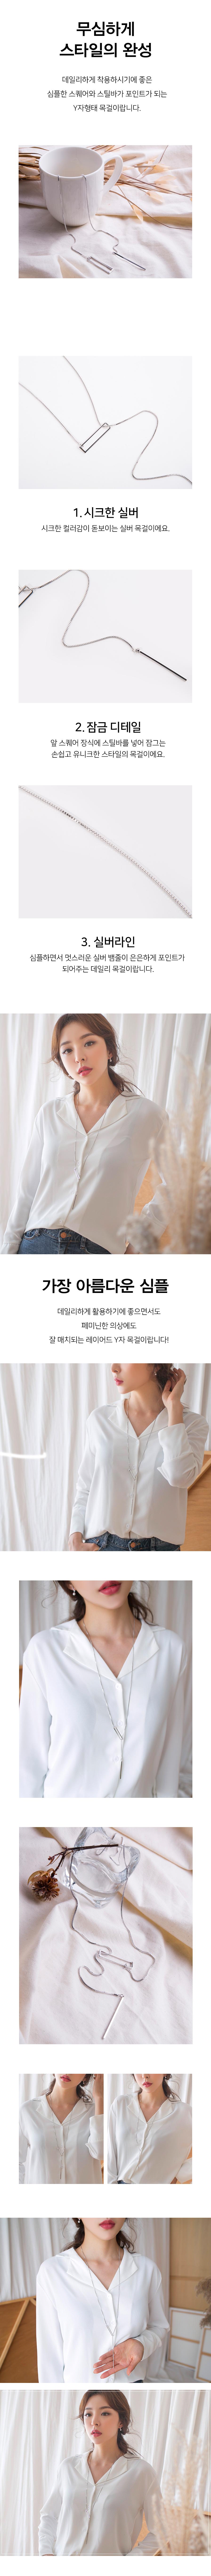 스퀘어 바 y자 드롭 목걸이 - 아르뉴, 12,500원, 패션, 패션목걸이